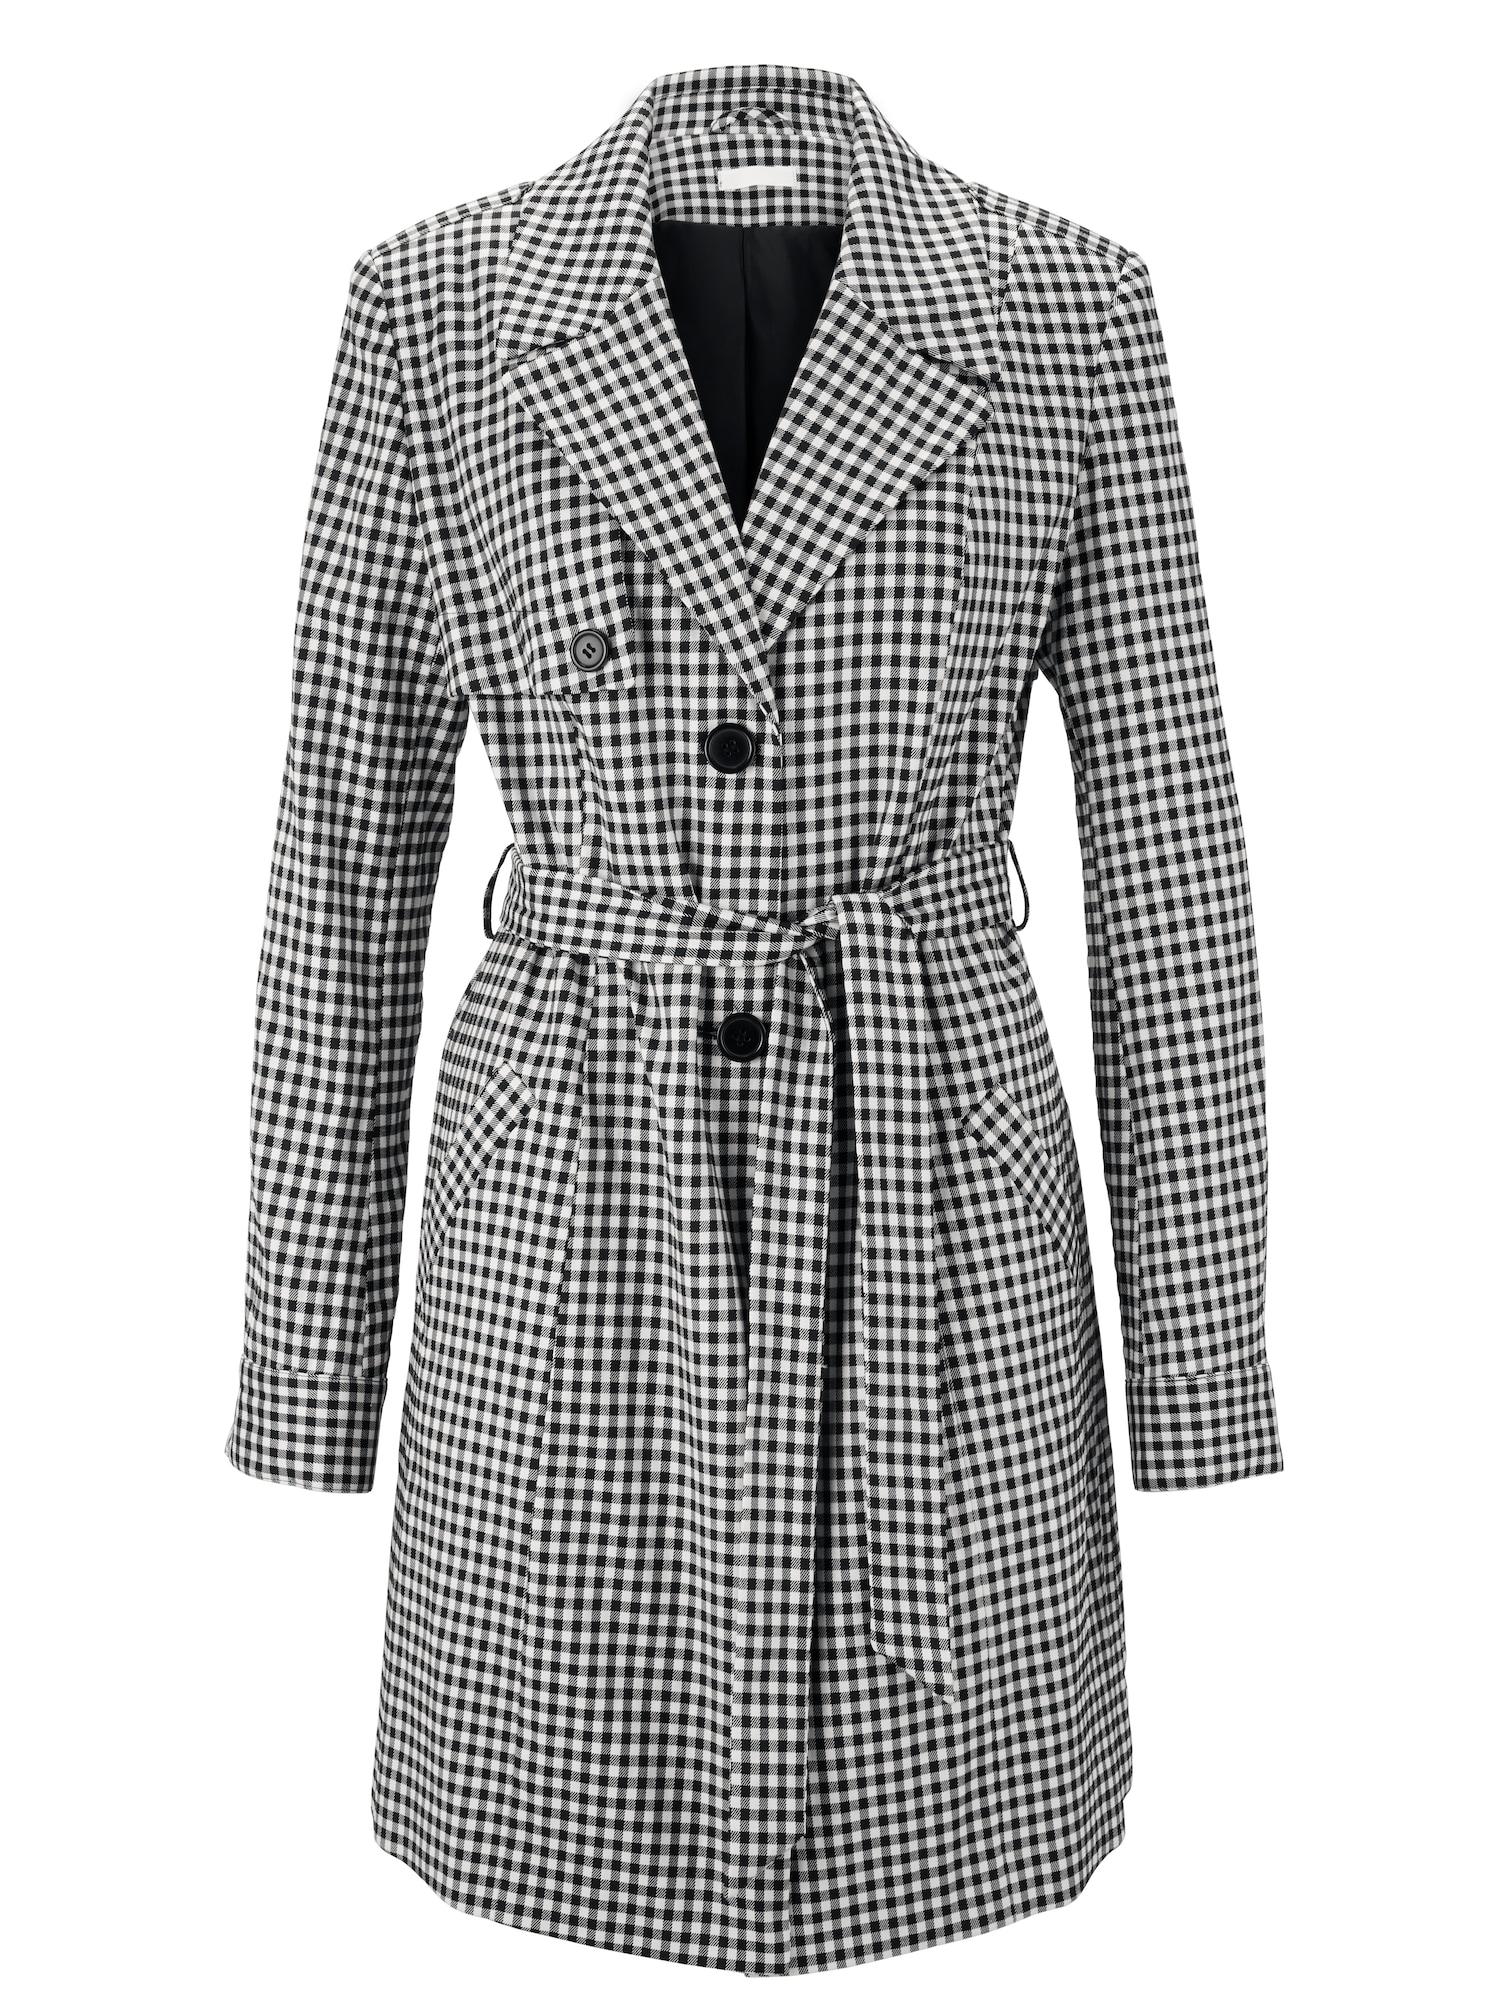 Přechodný kabát Trenchcoat černá bílá Heine